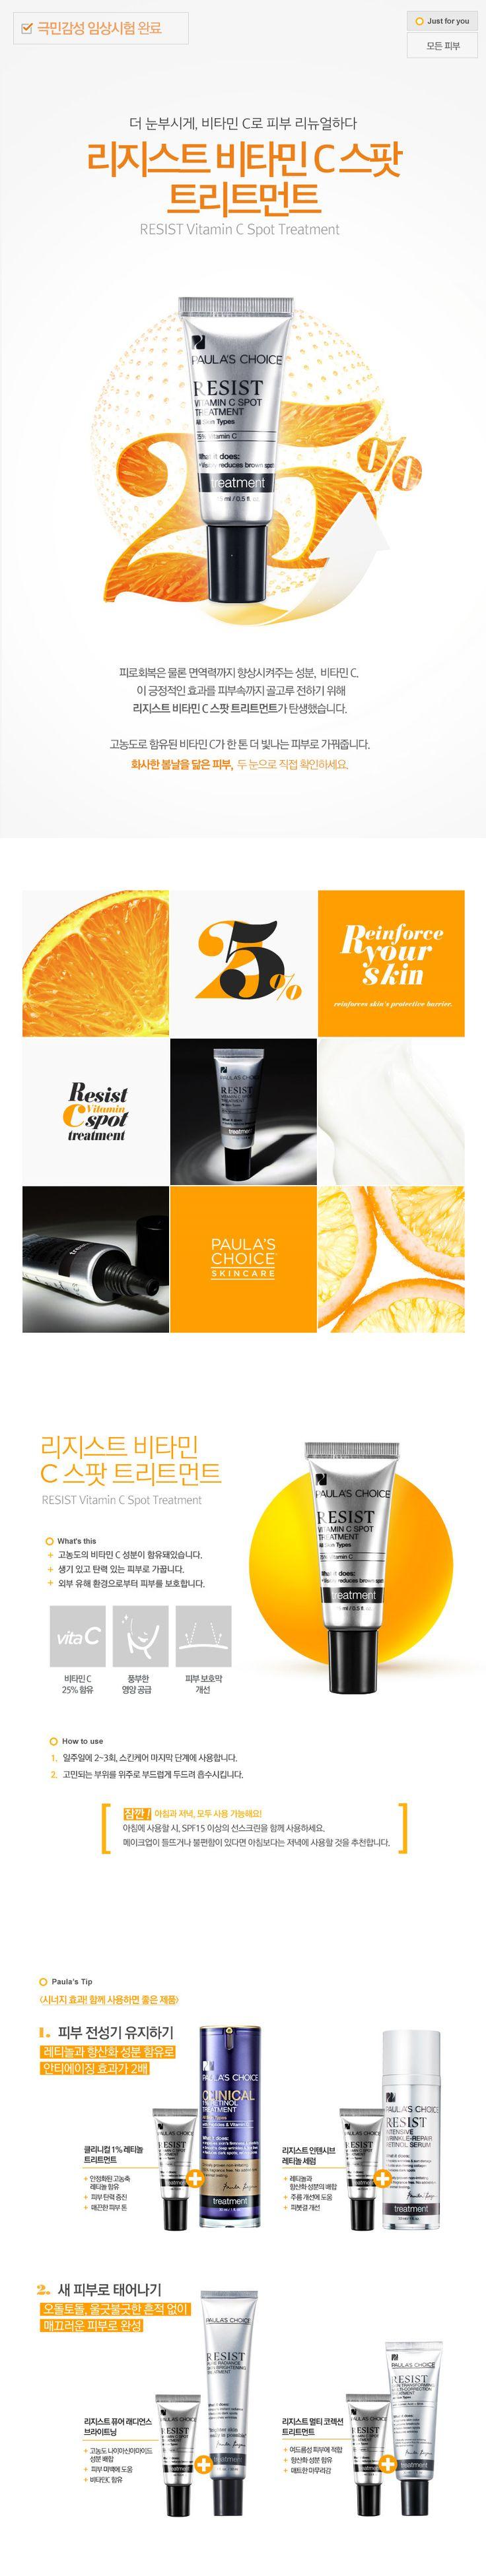 상품 상세정보 '리지스트 비타민 C 스팟'